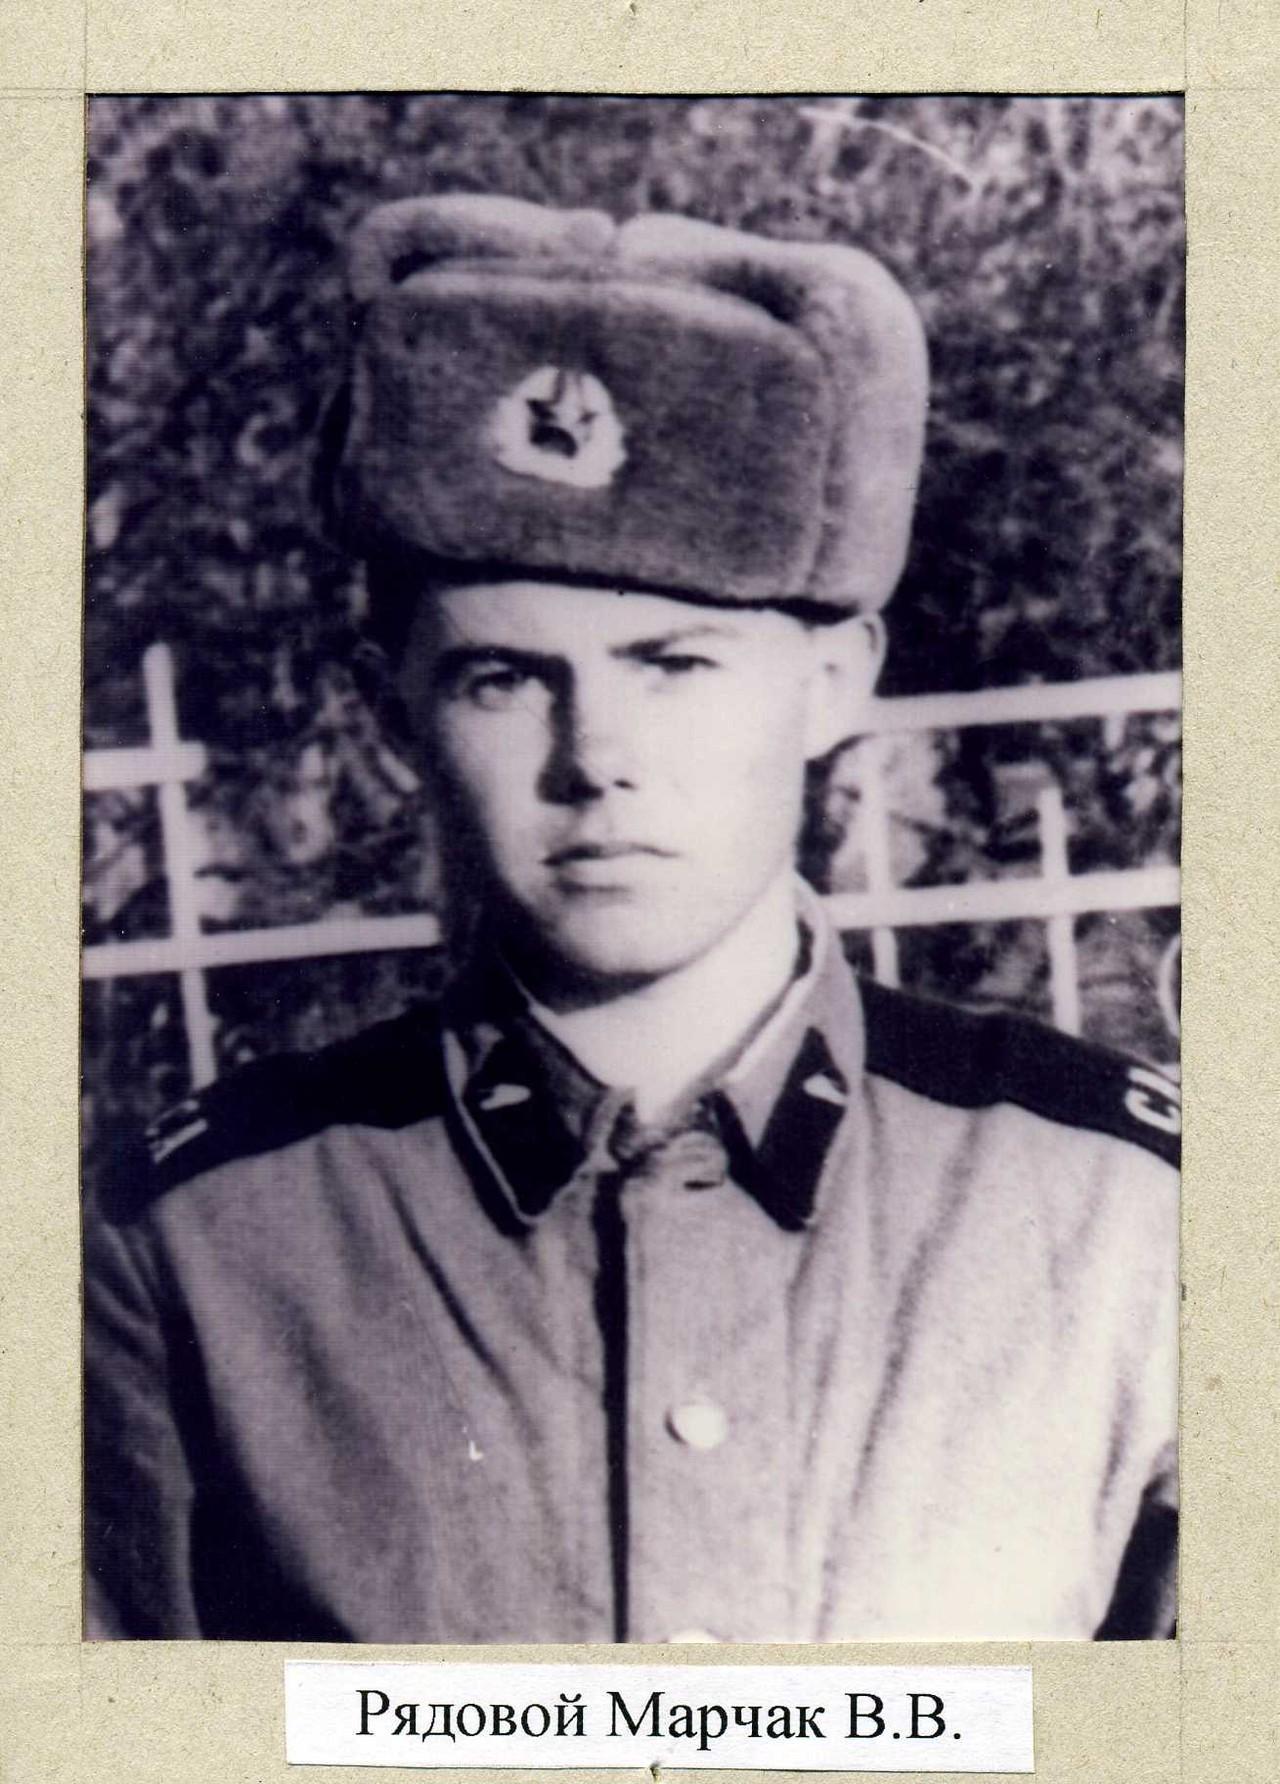 Марчак Владимир Владимирович